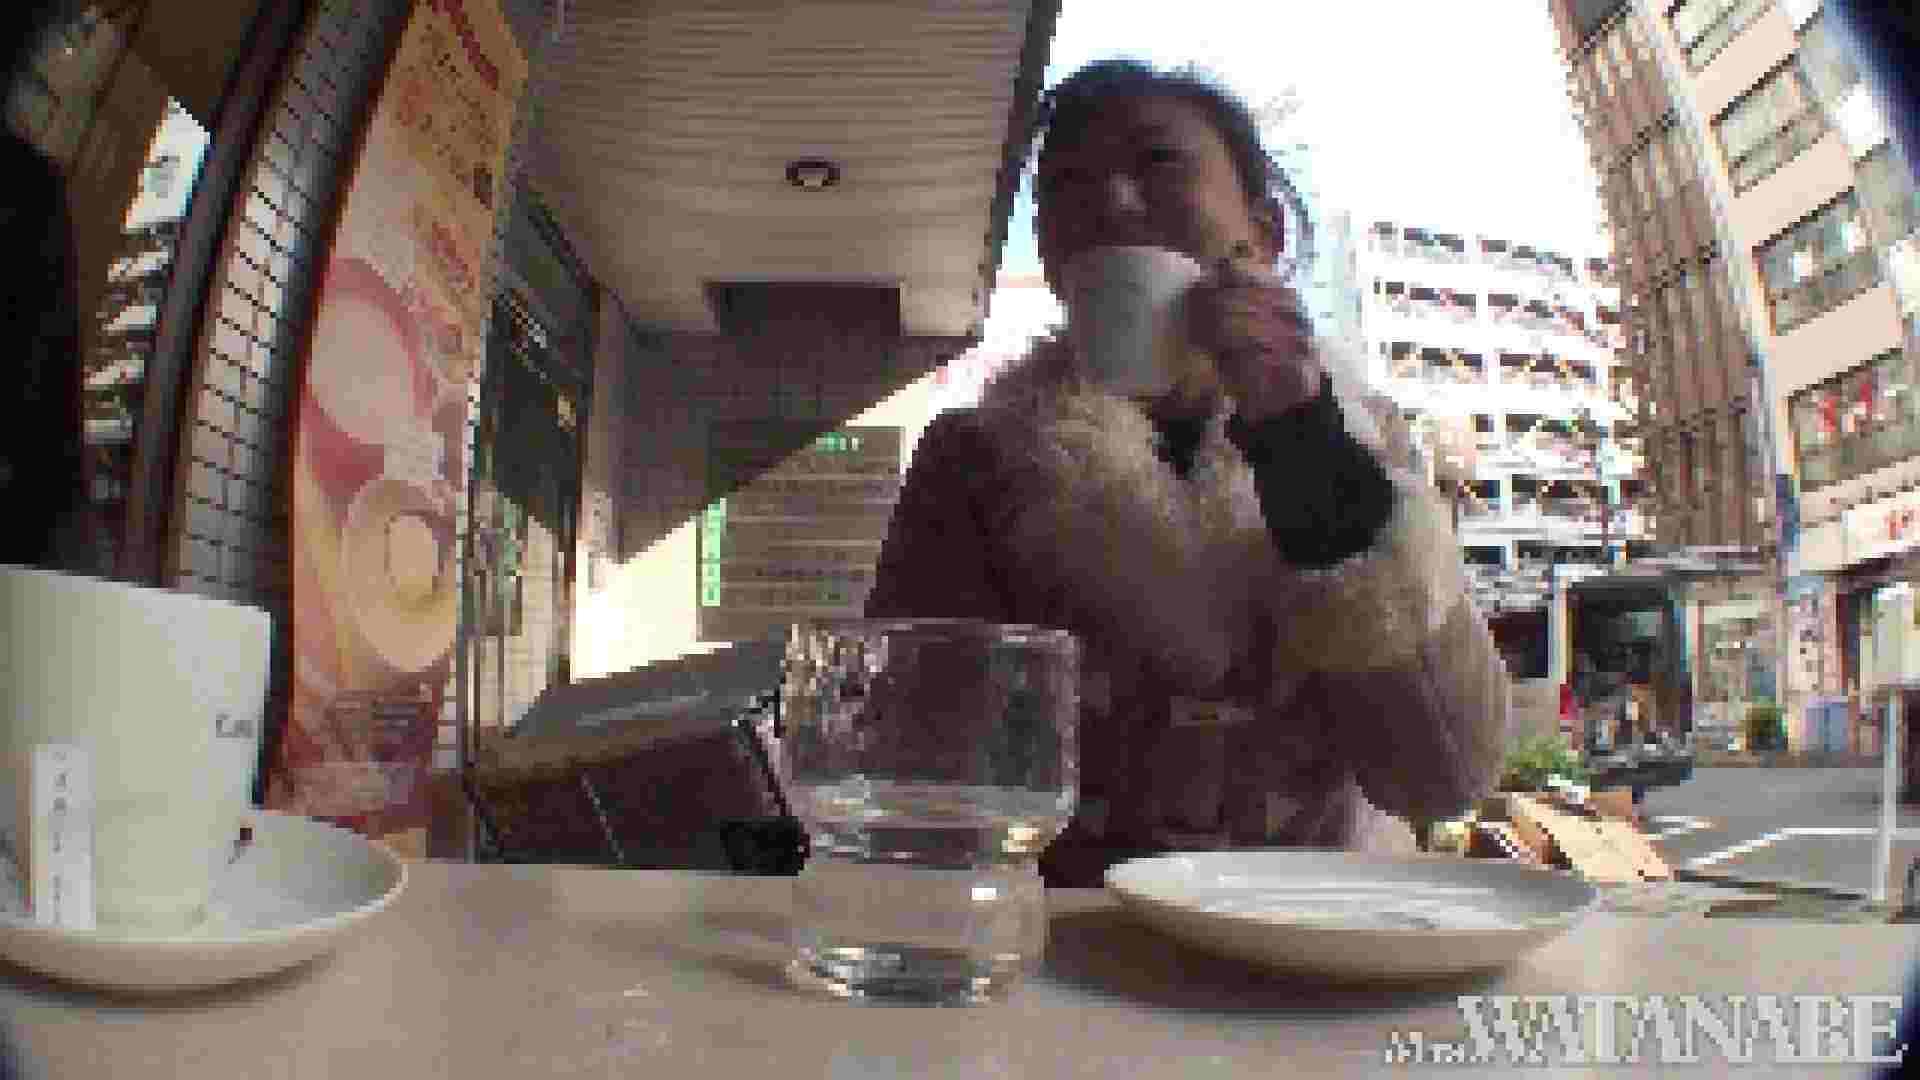 撮影スタッフを誘惑する痴熟女 かおり40歳 Vol.01 素人 | HなOL  67pic 18